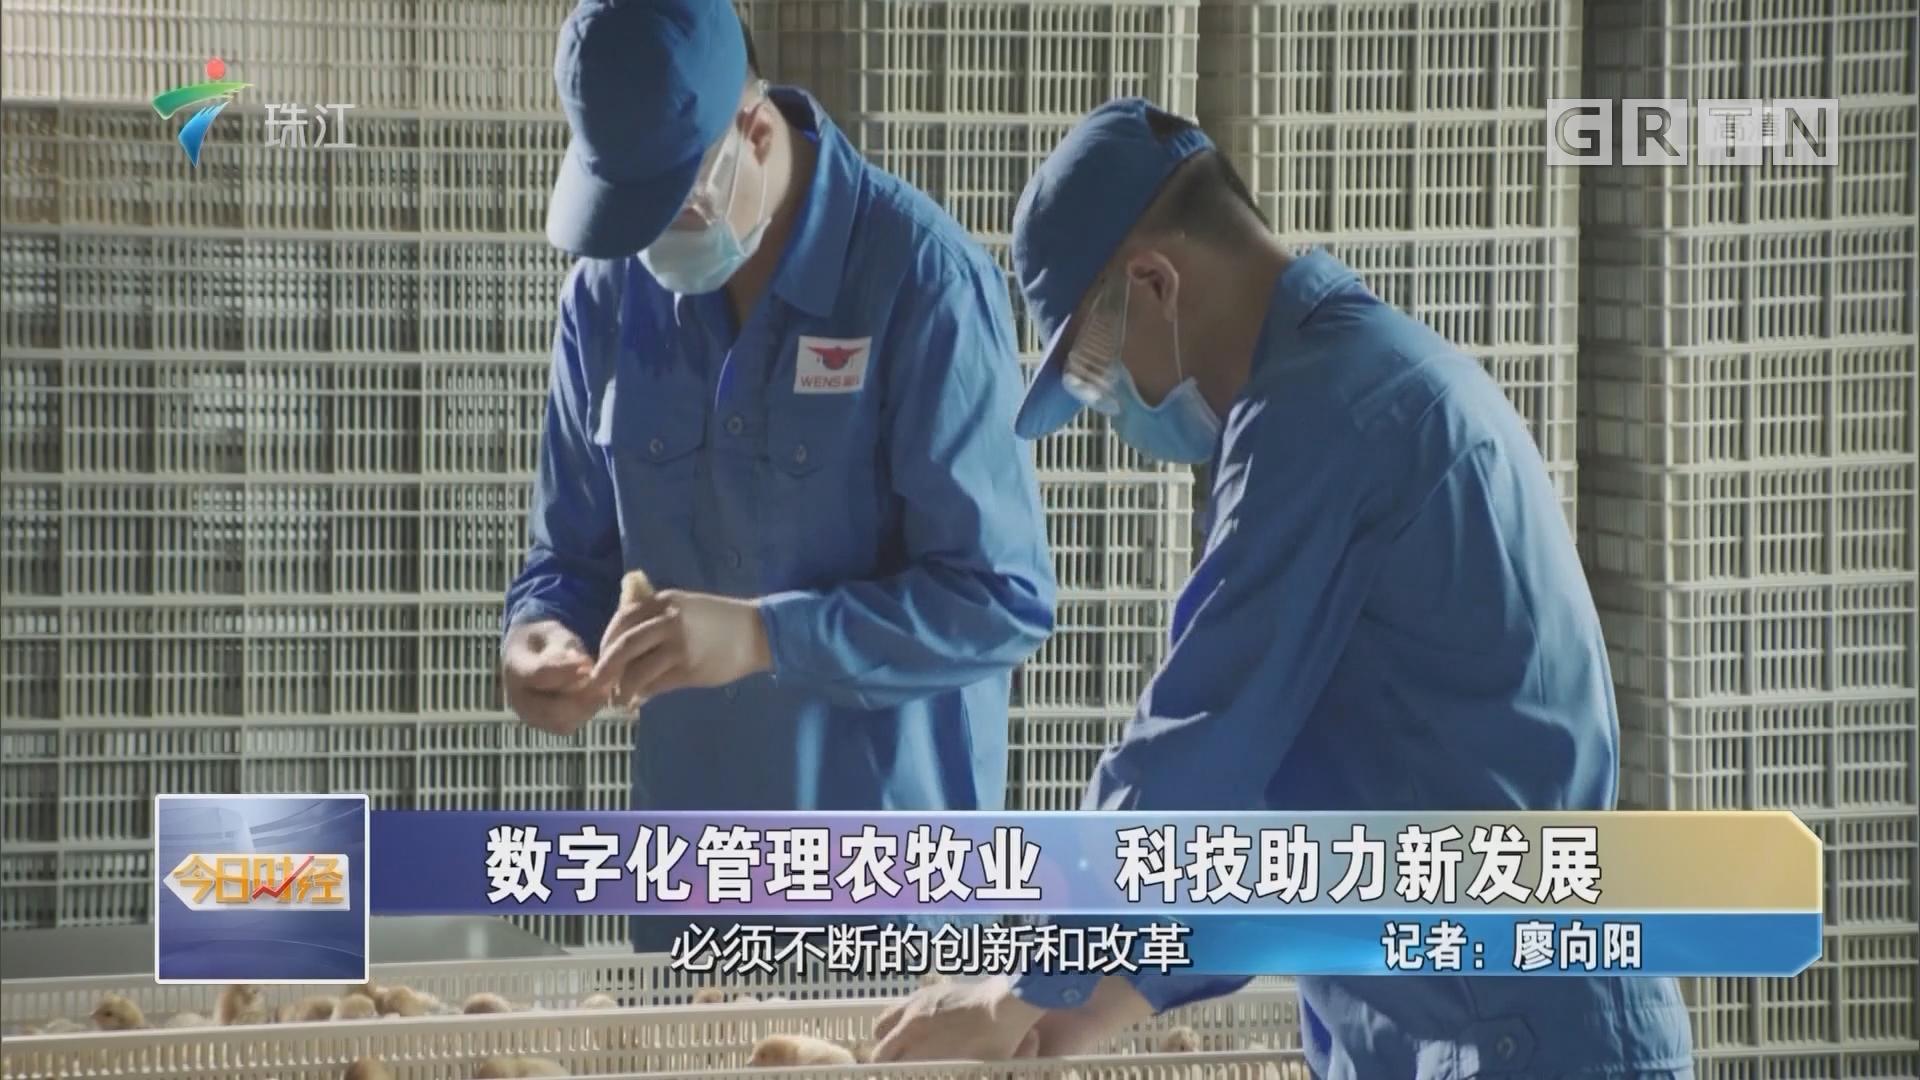 数字化管理农牧业 科技助力新发展